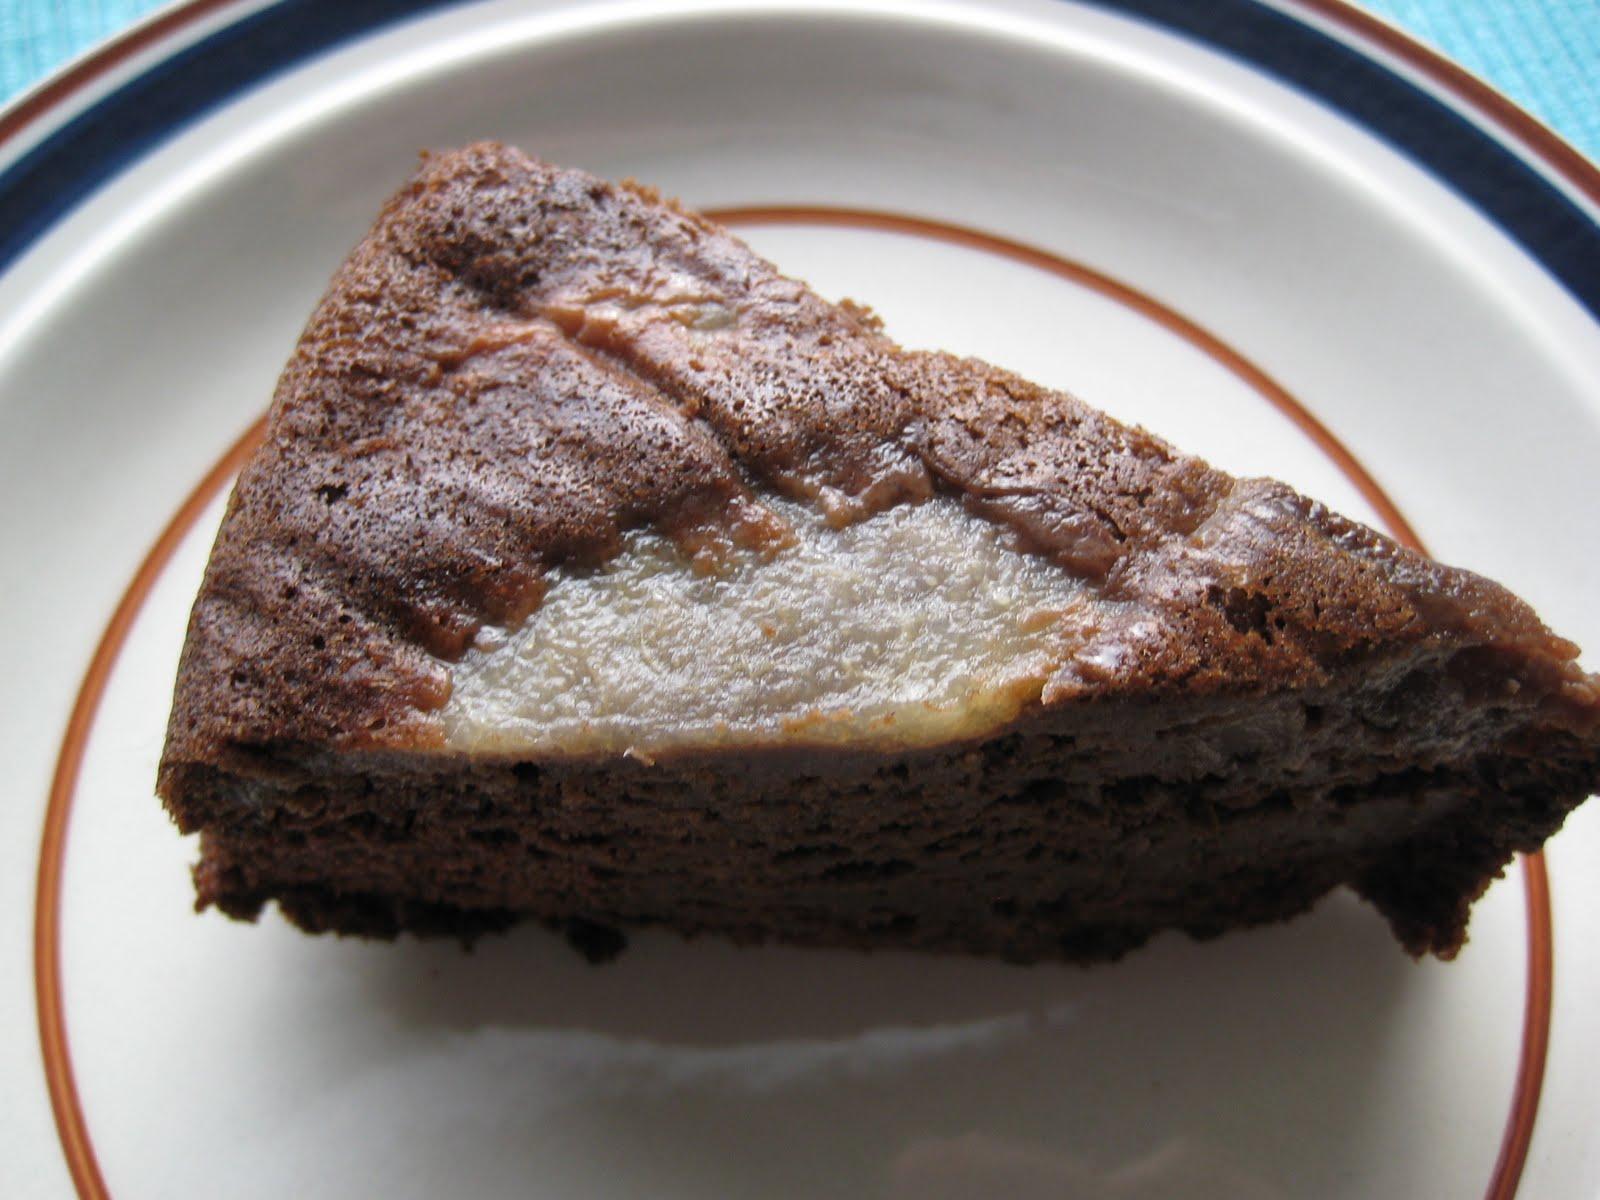 [pear+cake]